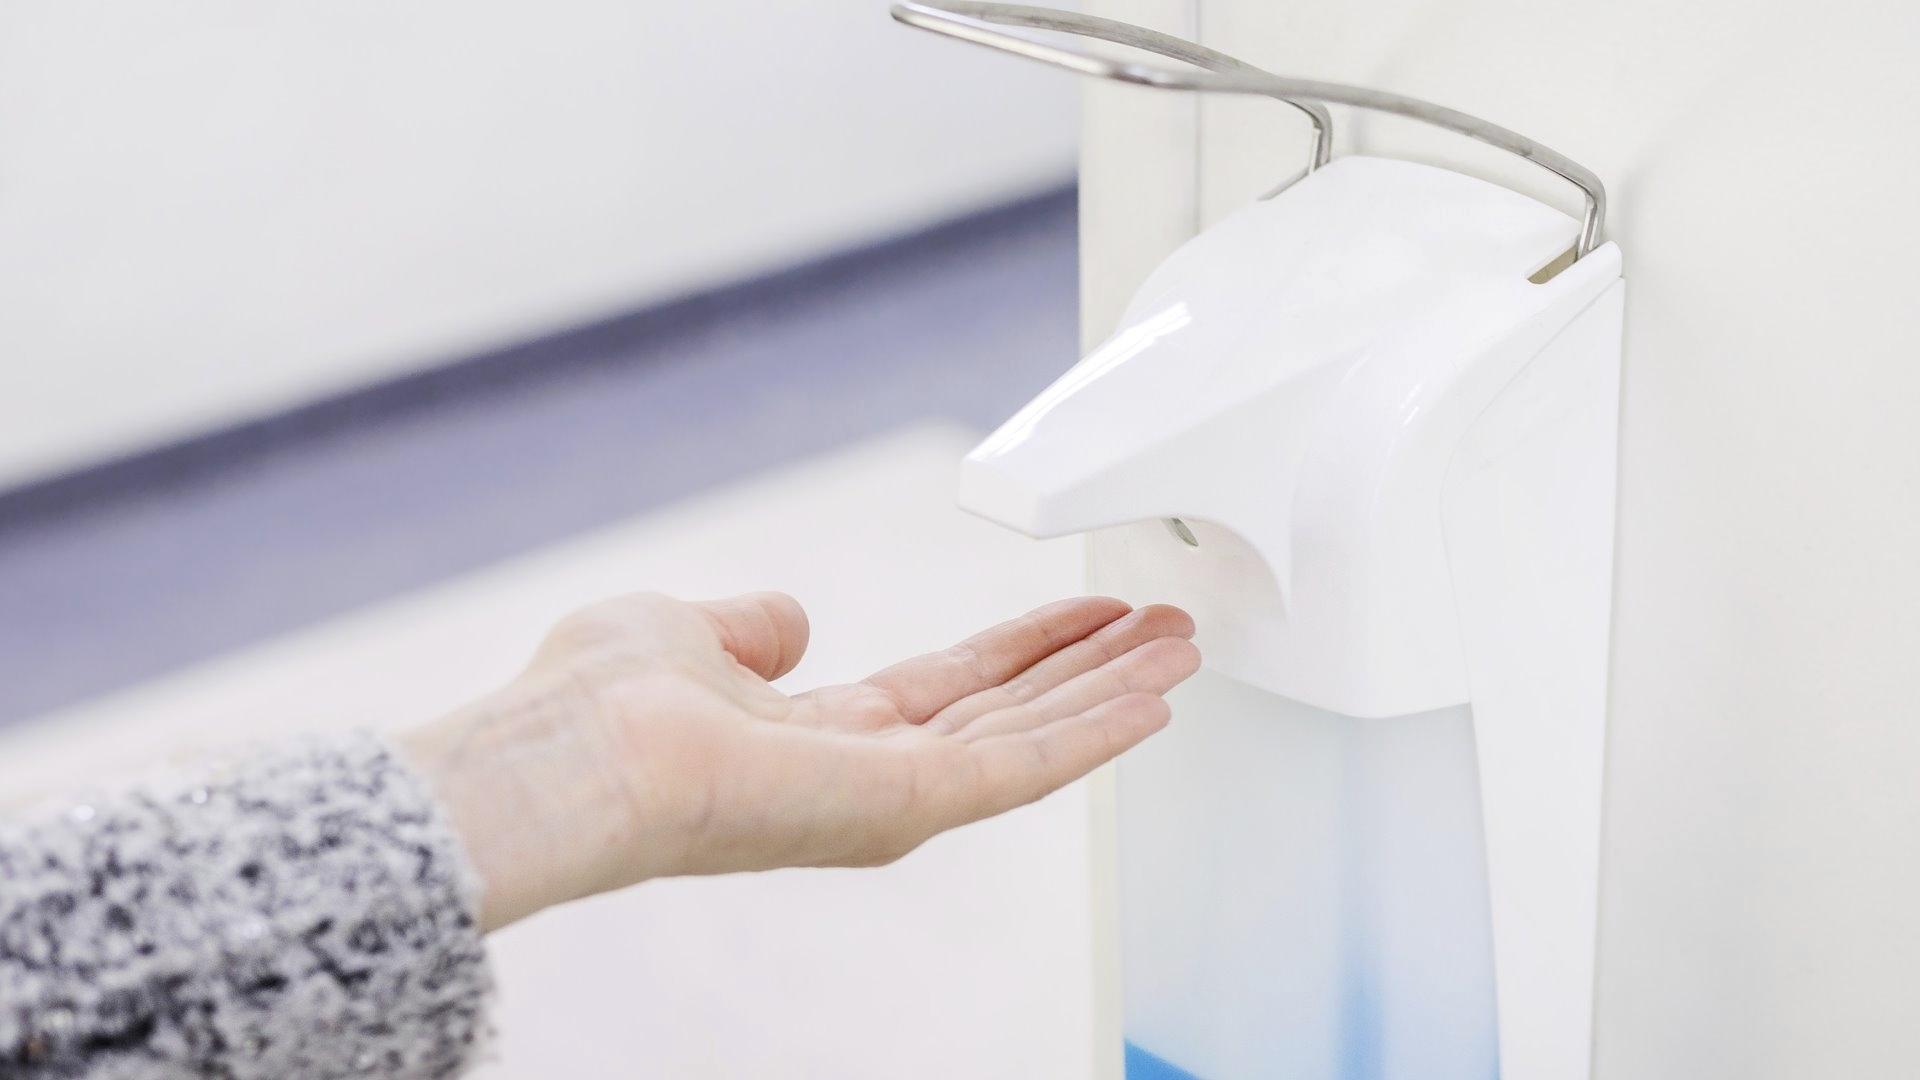 Sairaanhoitajaliiton kyselyssä nousi myös muutamia valopilkkuja, kuten parantunut hygienian taso. Koronan hoidosta voidaan oppia jotain myös tulevaisuutta varten.